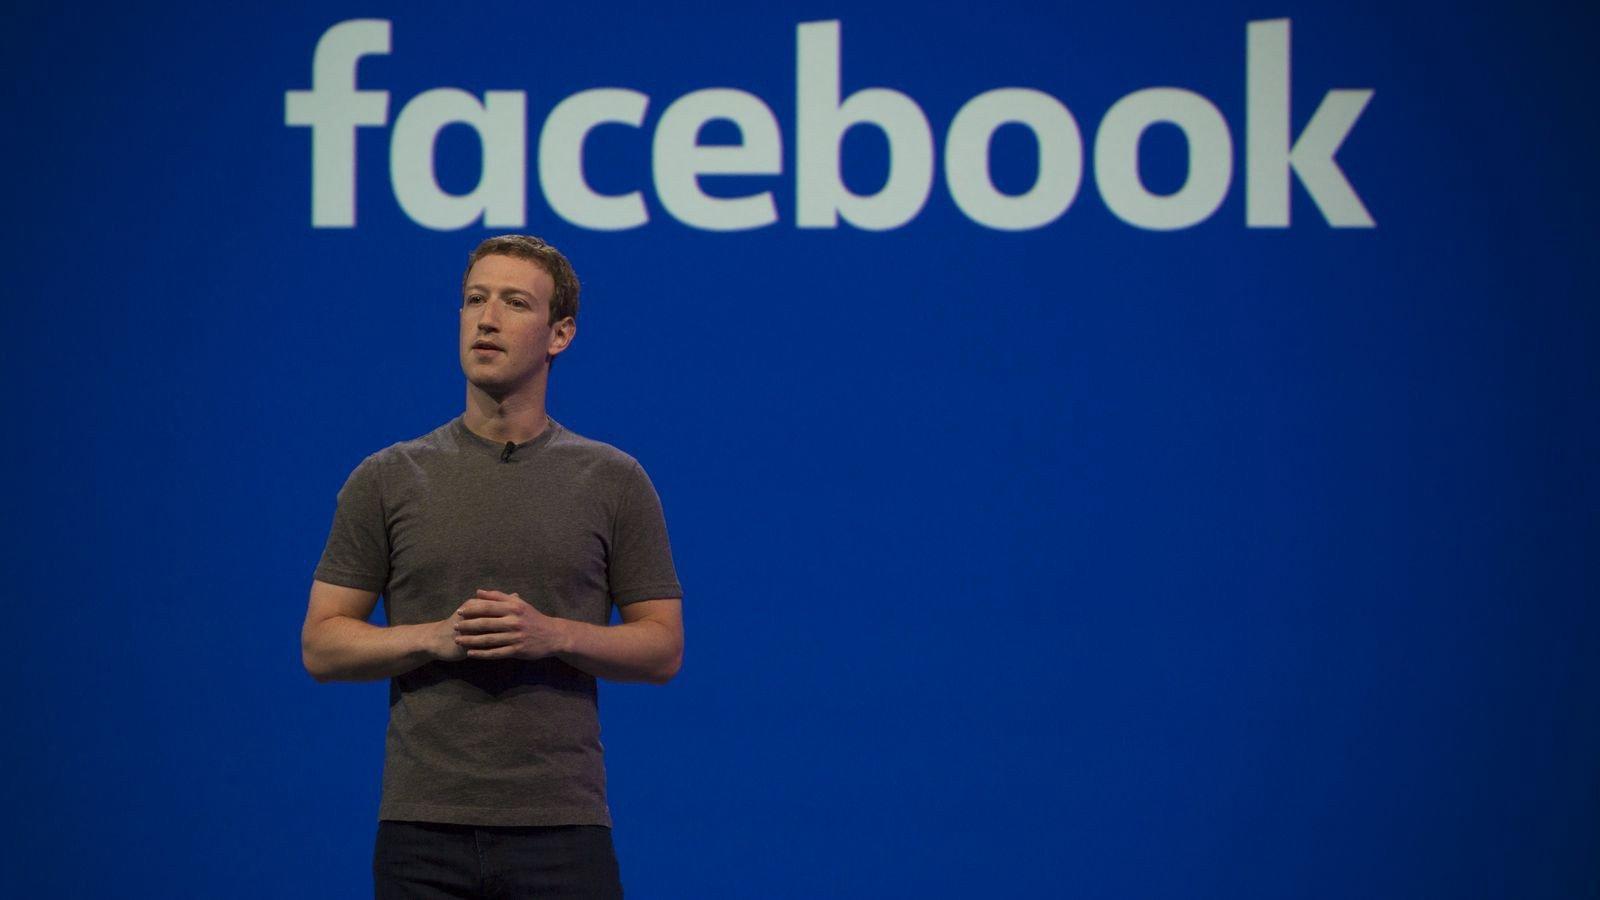 Cosa vuole fare Facebook per proteggere la sua community